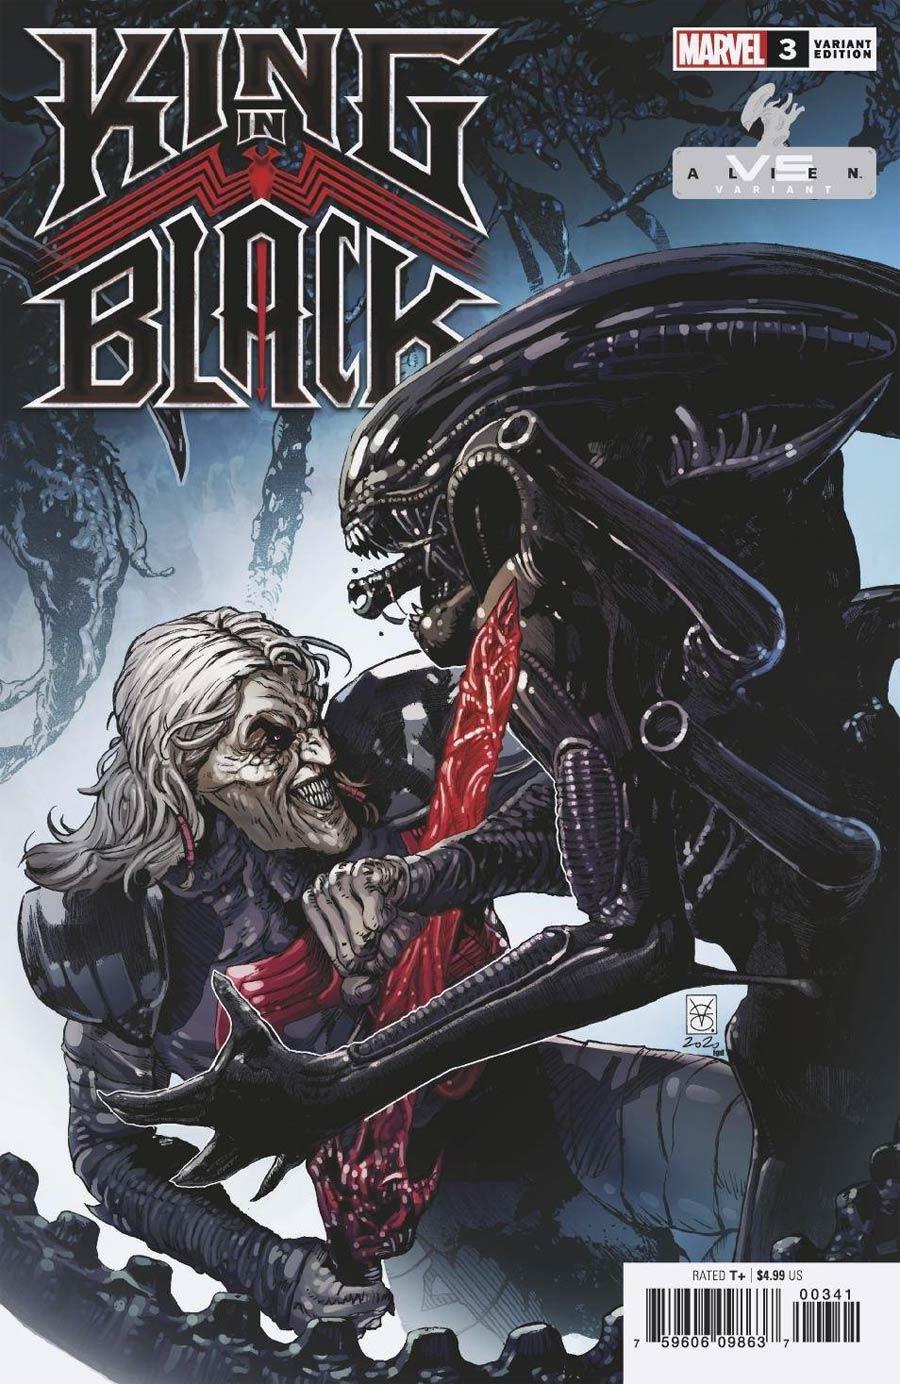 King In Black #3 Cover C Variant Valerio Giangiordano Marvel vs Alien Cover